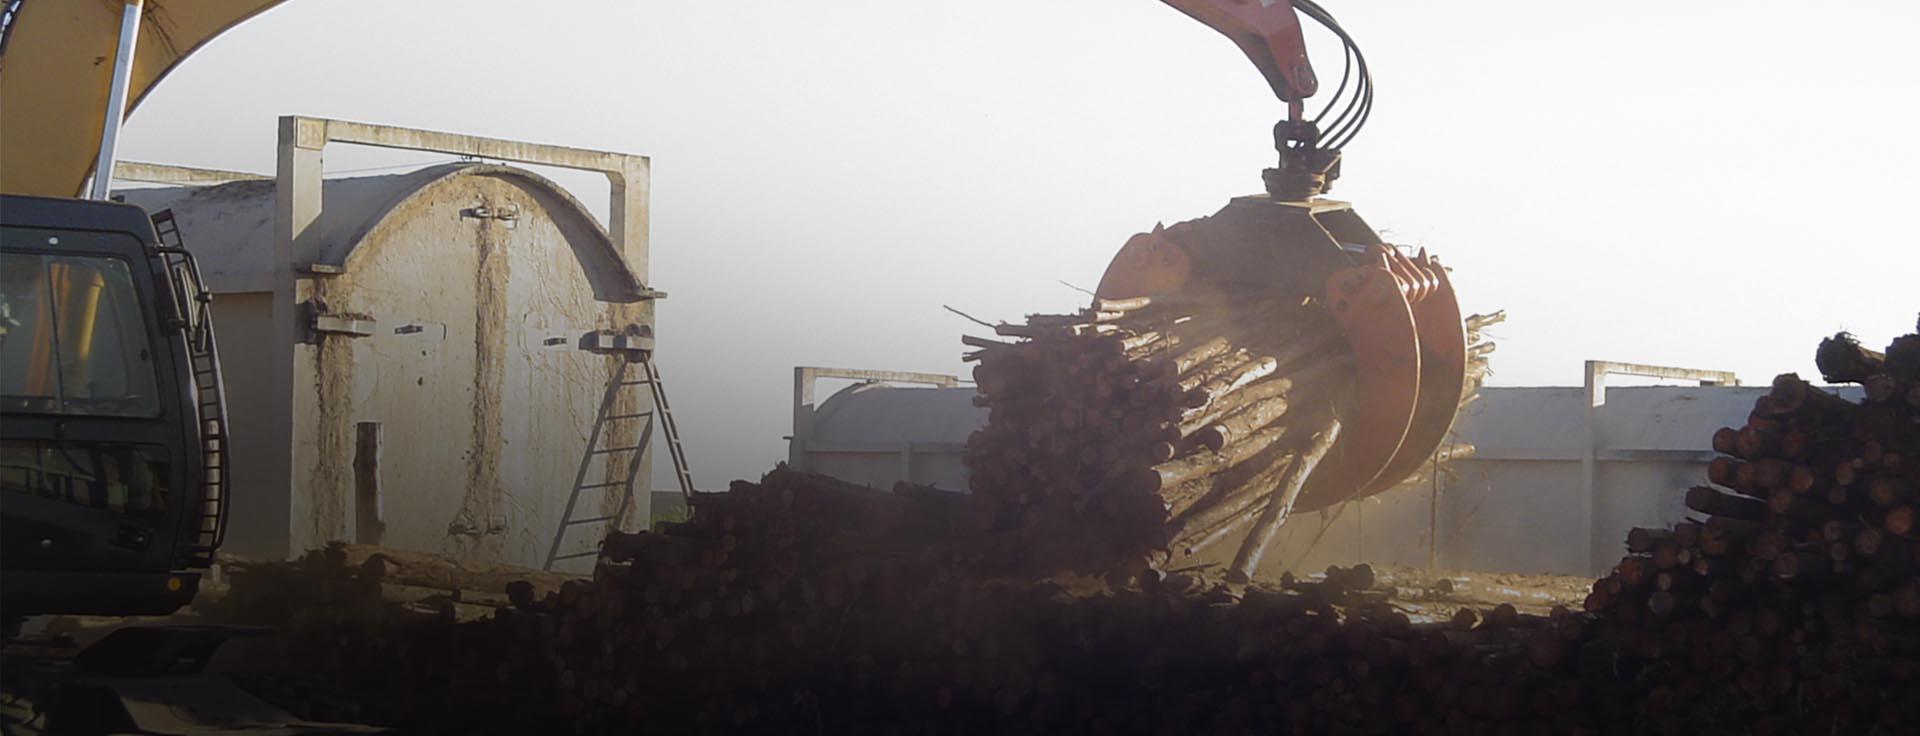 Garras Movimentação de toras carvão cavaco blocos e resíduos